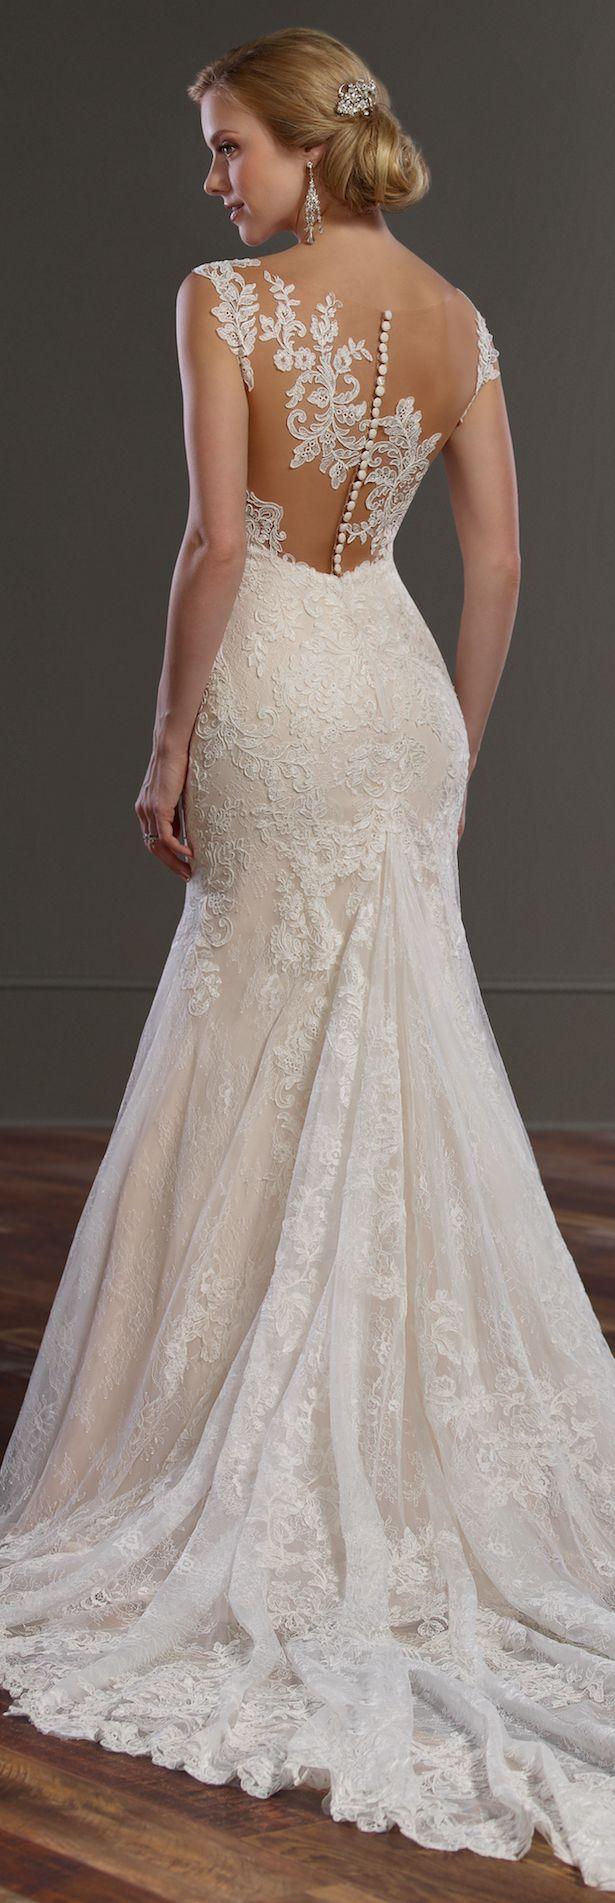 Best 25 weird wedding dress ideas on pinterest fiber optic wedding dress by martina liana spring 2017 bridal collection ombrellifo Gallery